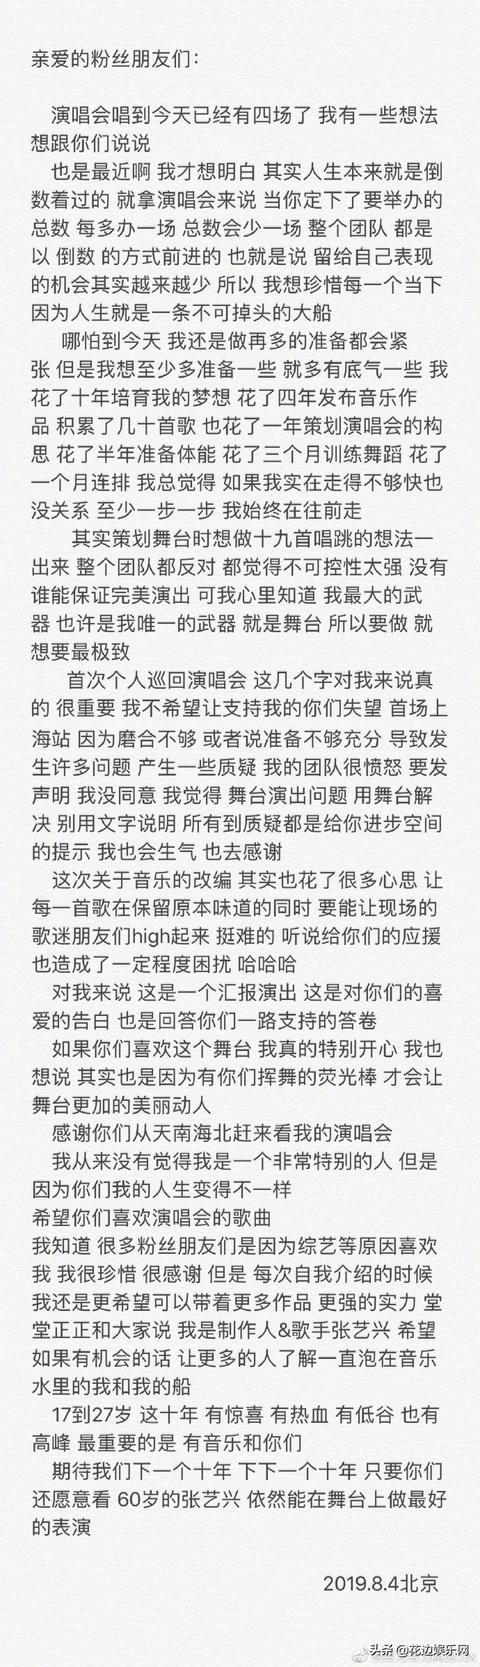 同样是回应假唱,张艺兴发八百字小论文,林俊杰却只靠一个动作